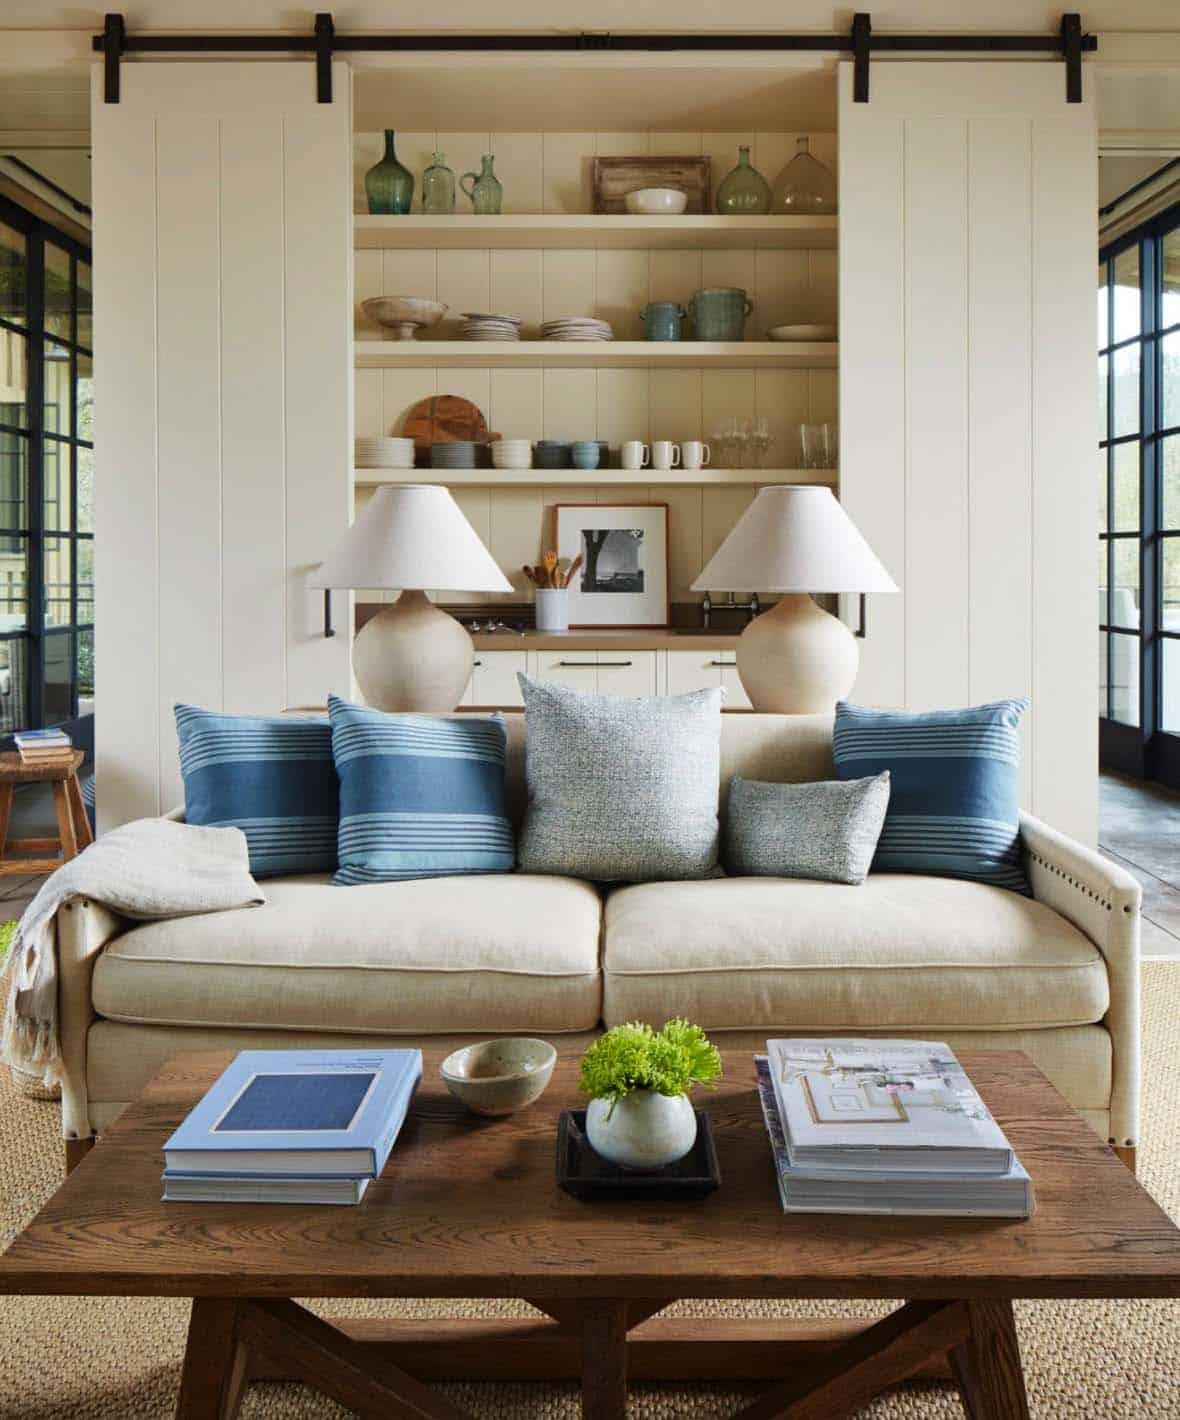 Hilltop Guesthouse Sanctuary-Julie Hawkins Design-02-1 Kindesign